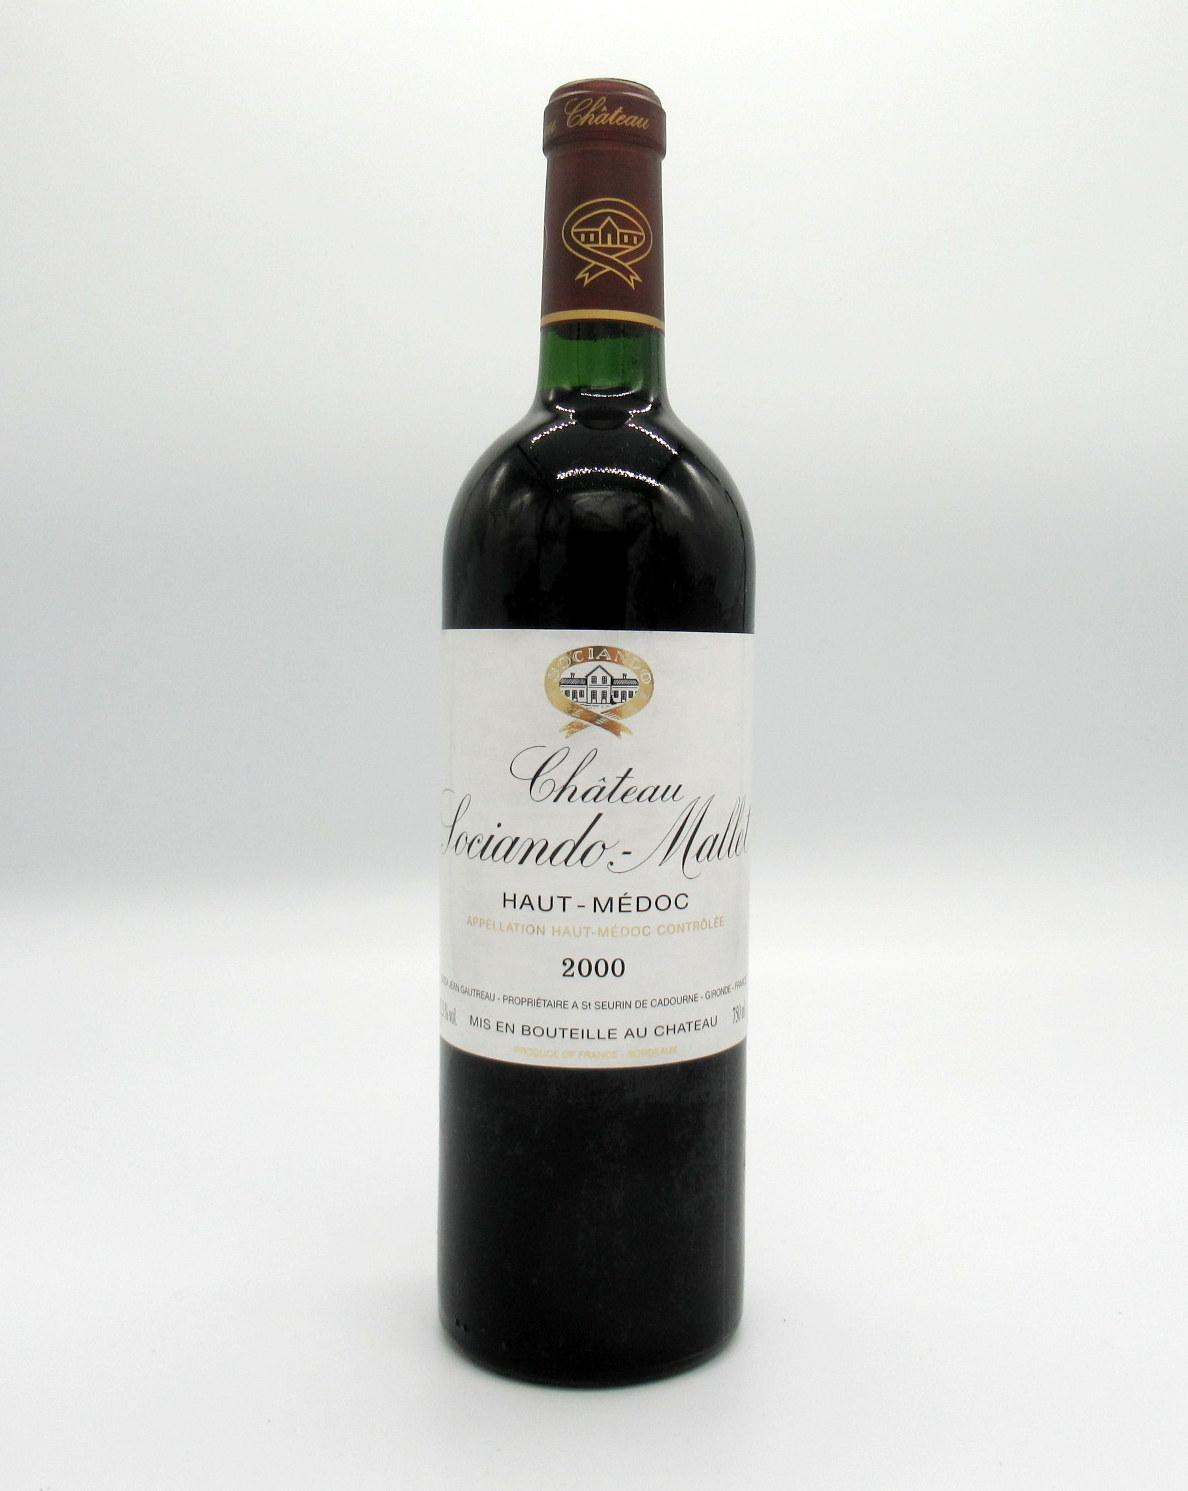 ワイン, 赤ワイン 5 2000 750mlIWC93 92SOCIANDO MALLET